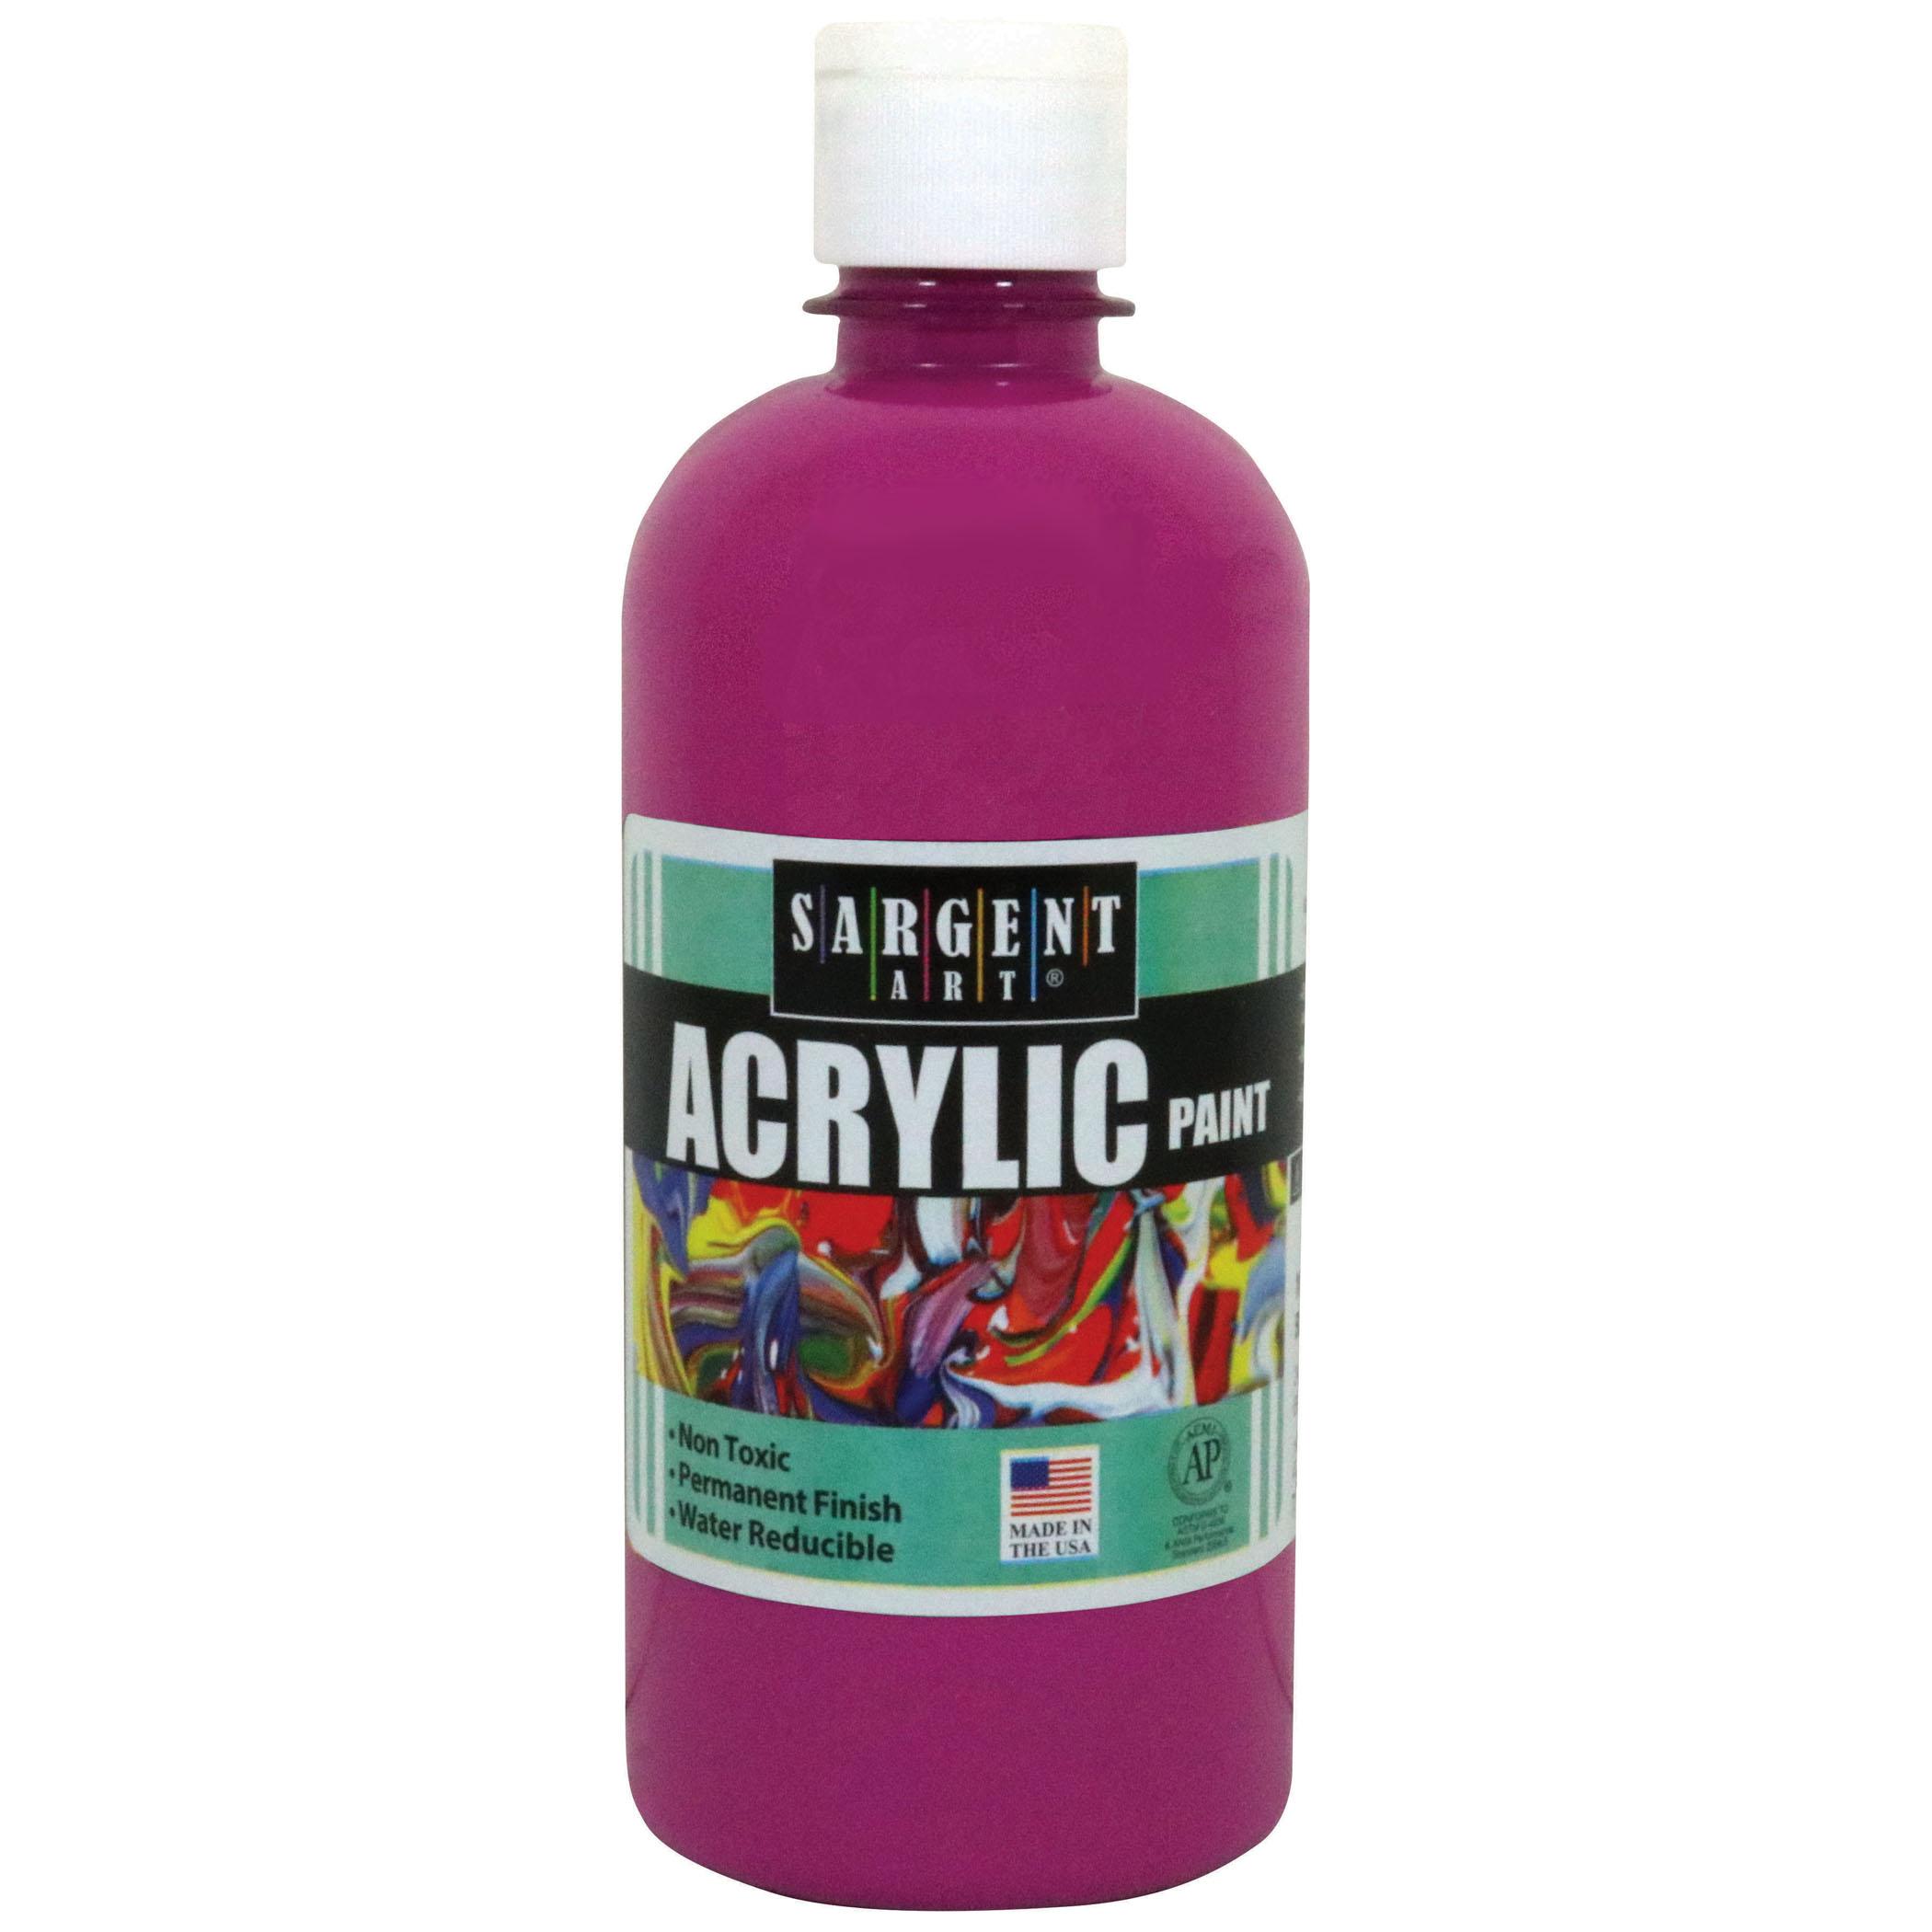 Sargent Art® Acrylic Paint, 16 oz. Squeeze Bottle, Brown, 3/pkg